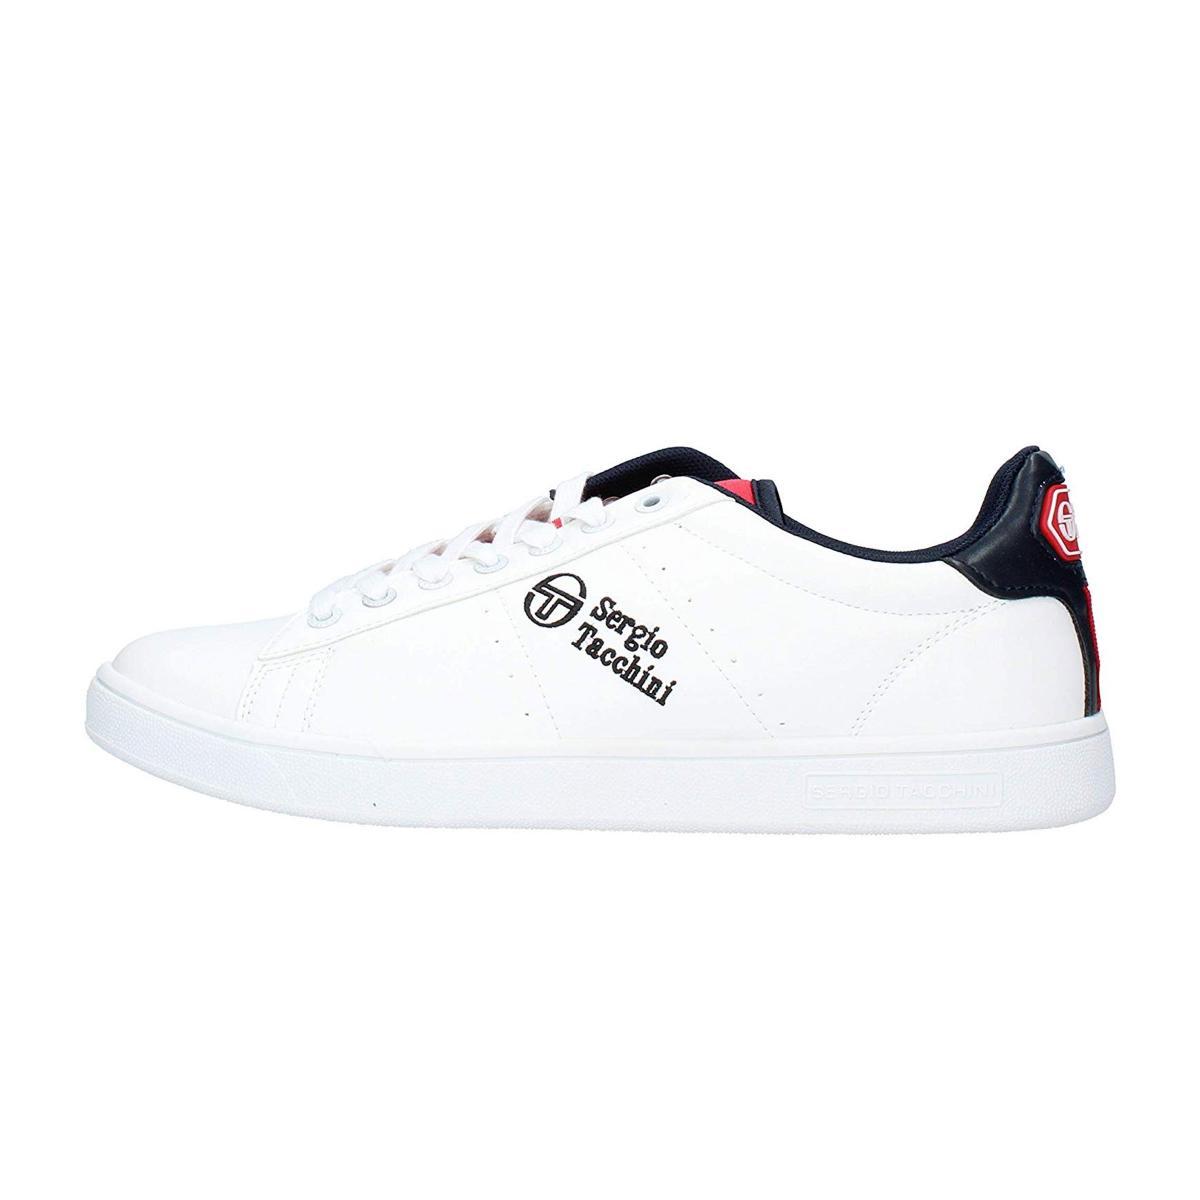 Scarpe Sneakers Sergio Tacchini GRAN MAX SPECIAL LTX da uomo rif. STM924000